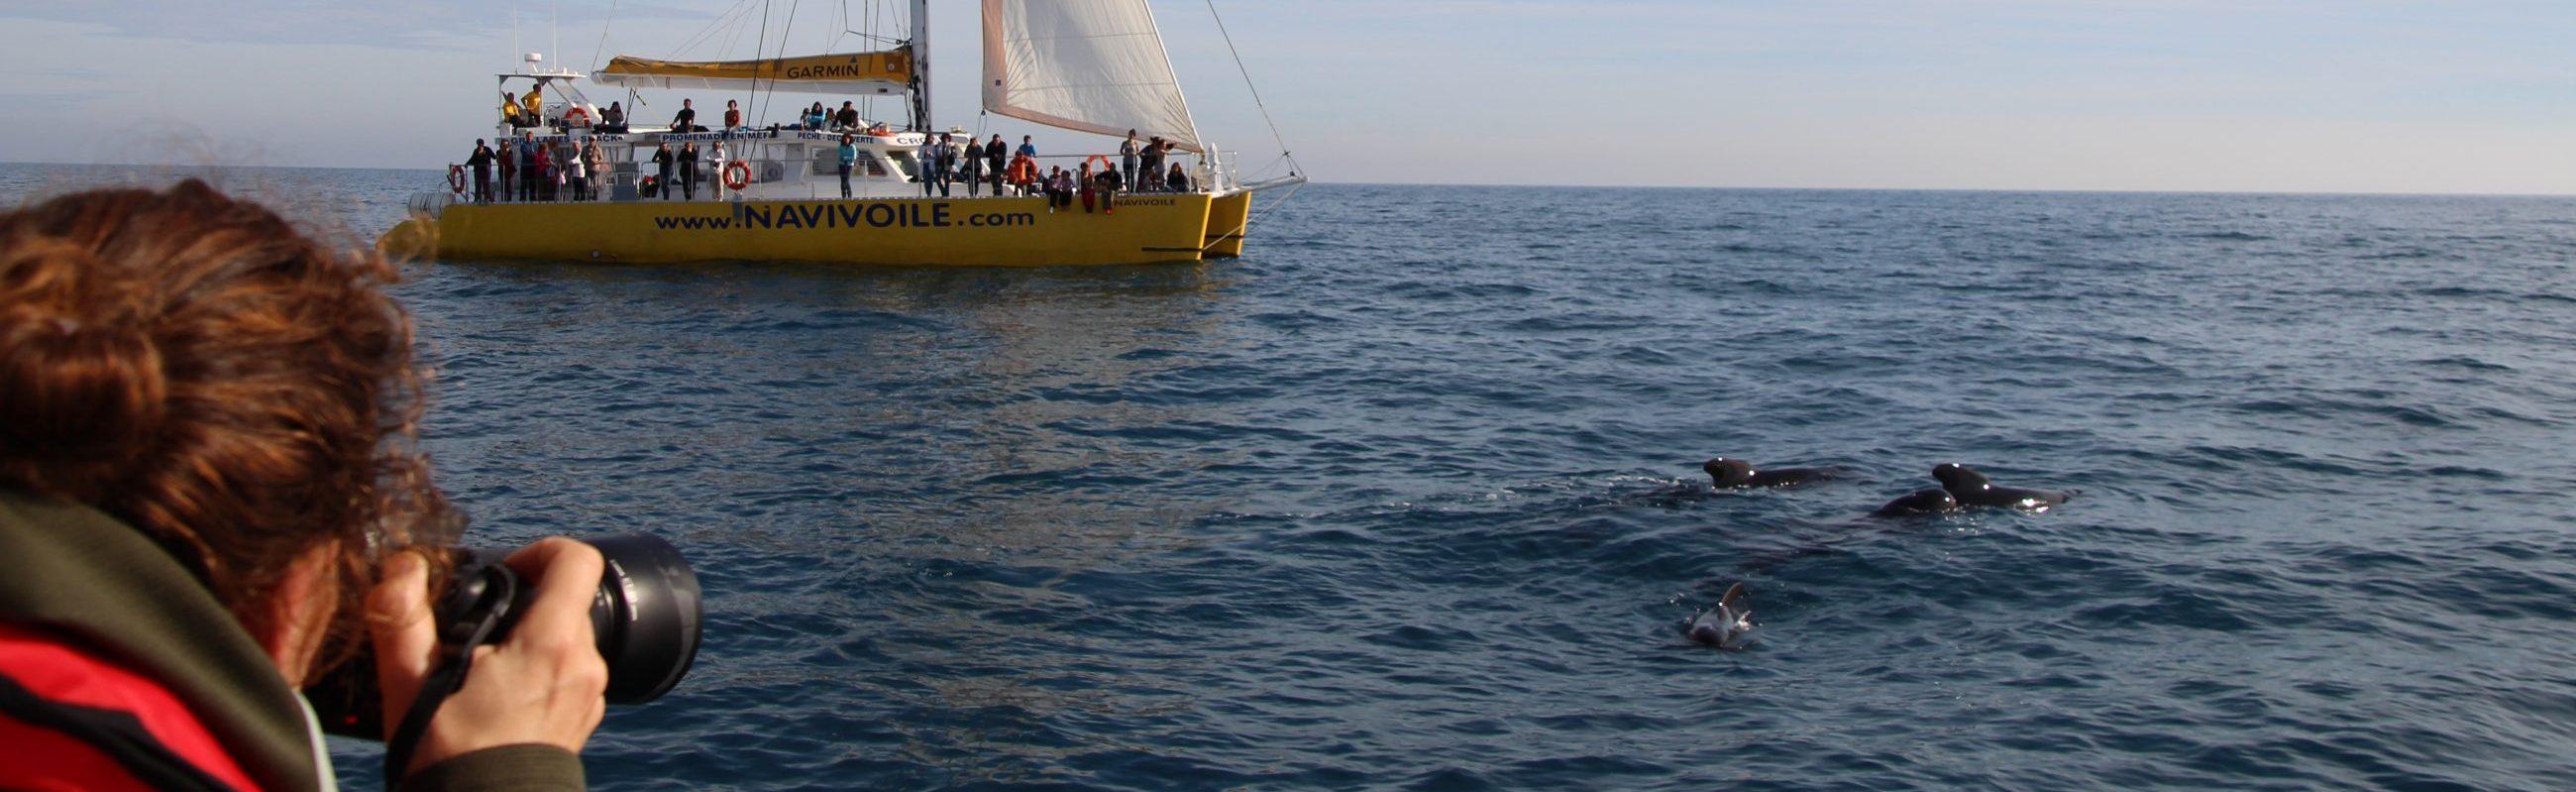 catamaran navivoile croisière chante avec les dauphins au départ de canet en roussillon